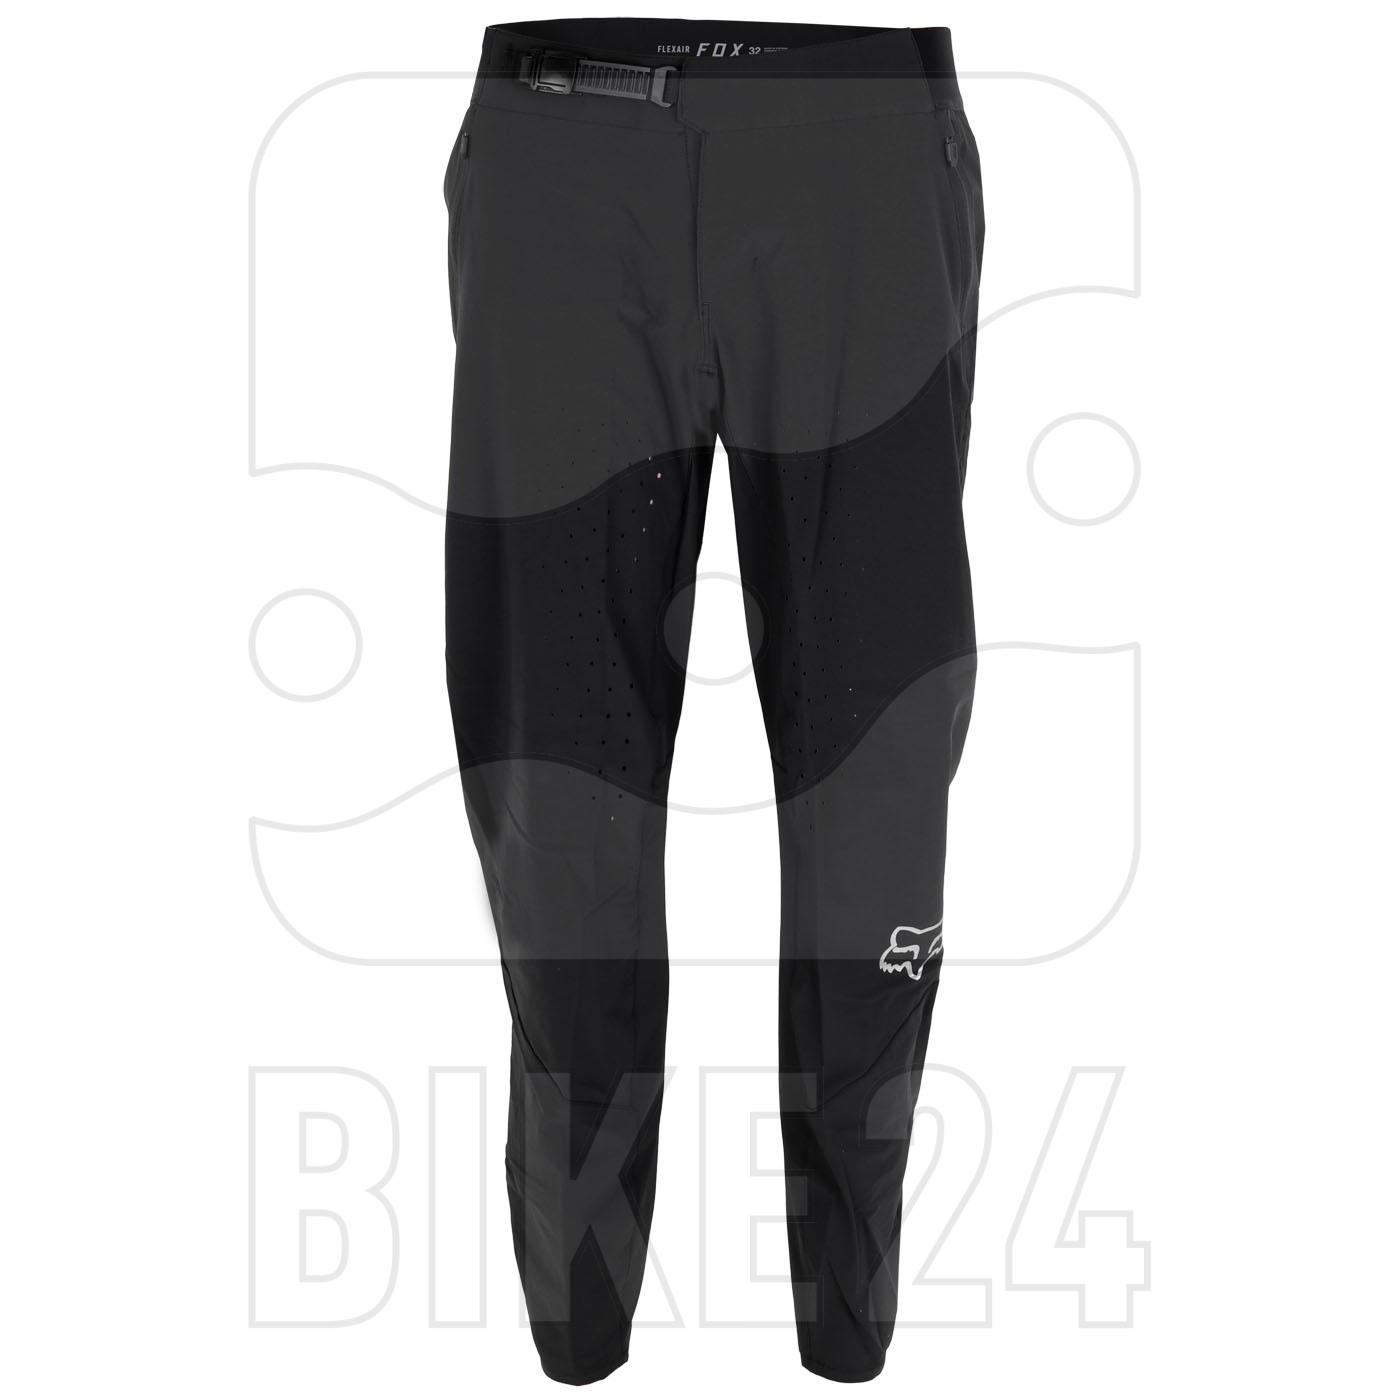 FOX Flexair MTB Pantalones - black